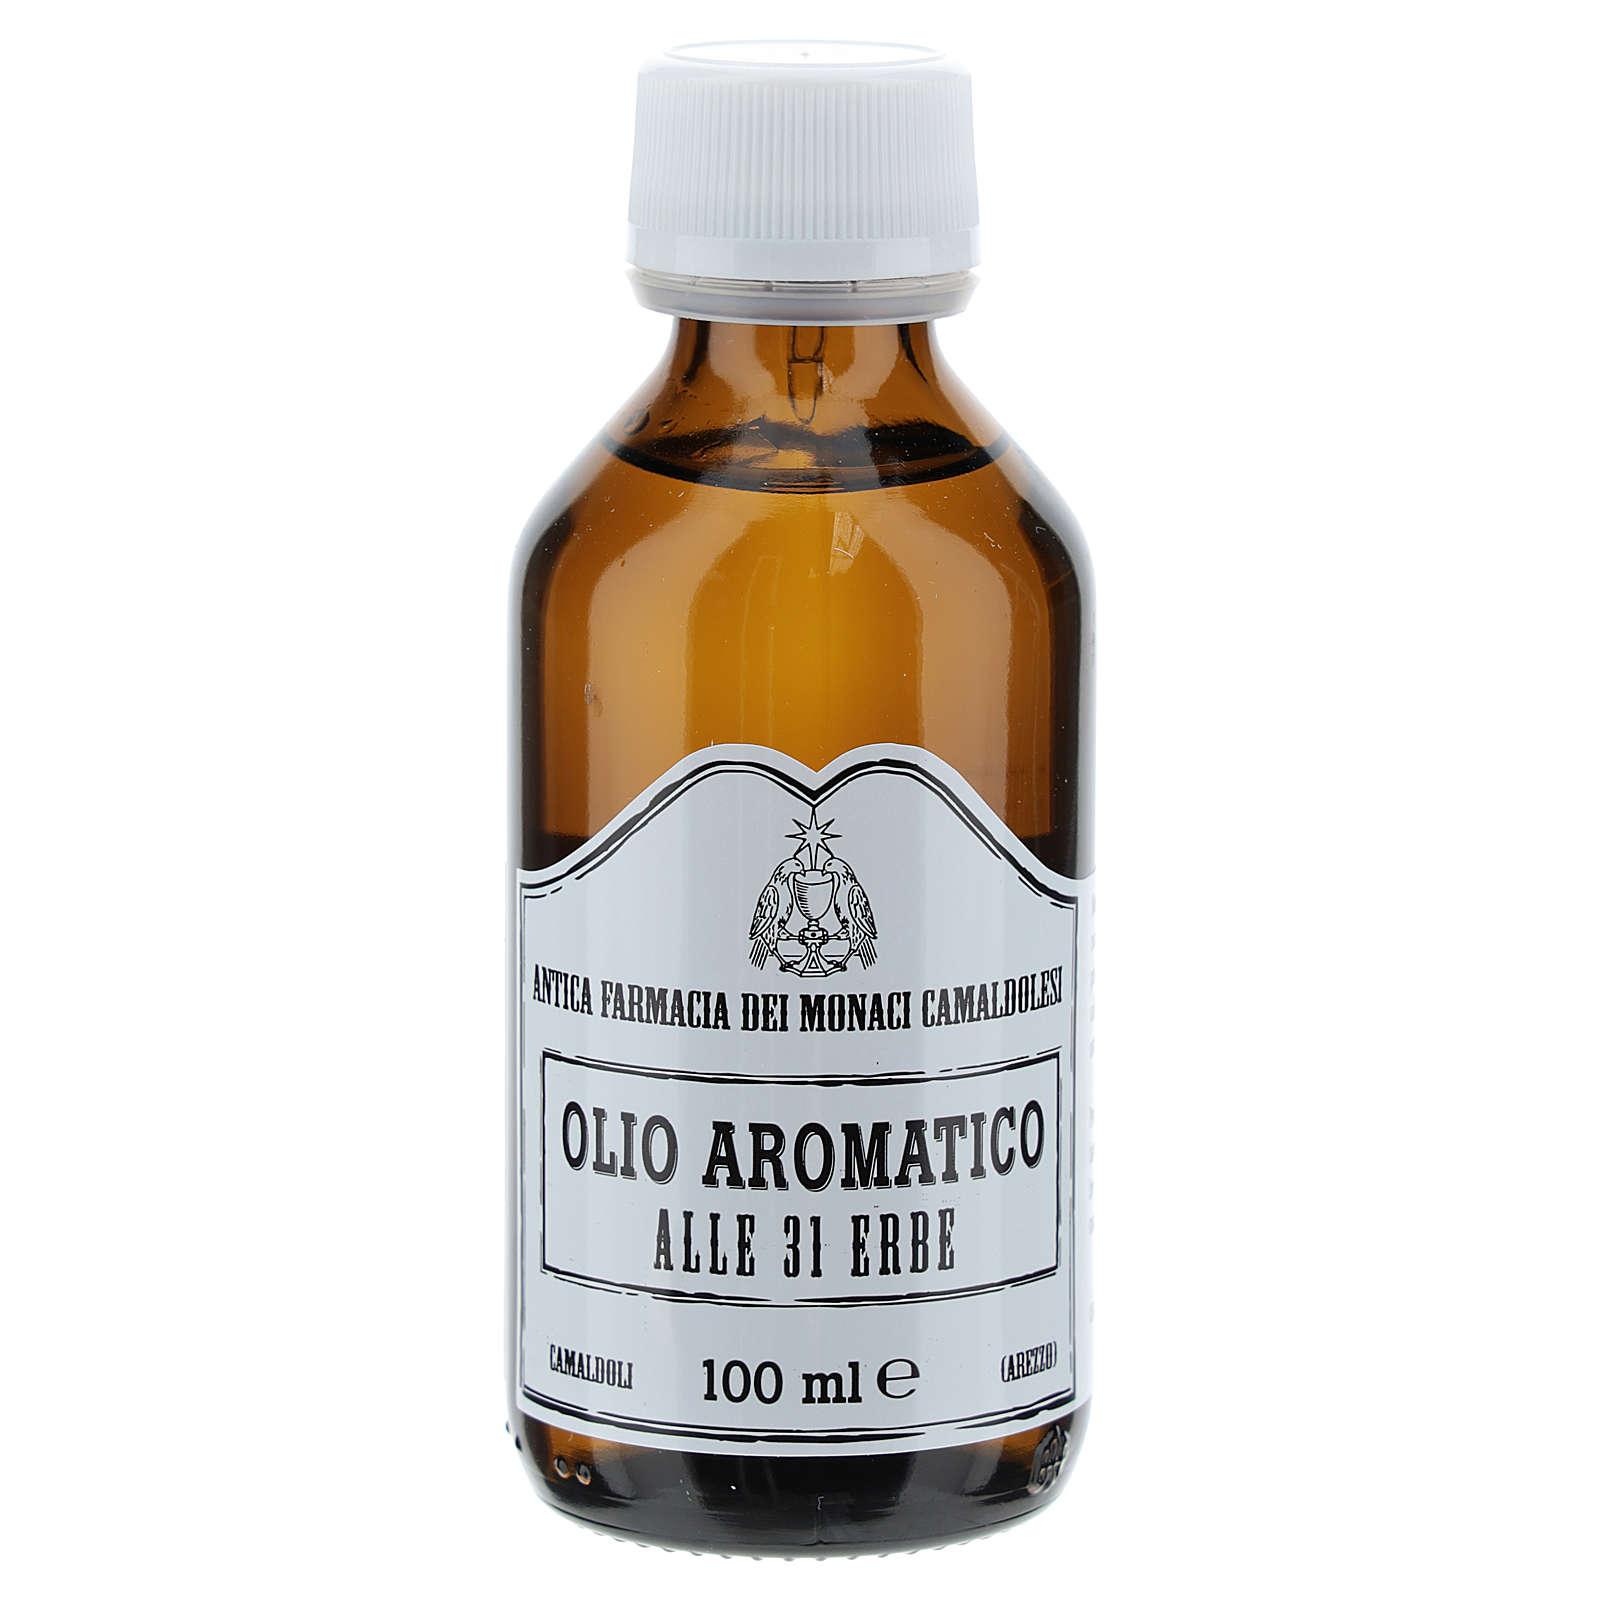 Olio aromatico alle 31 Erbe 4